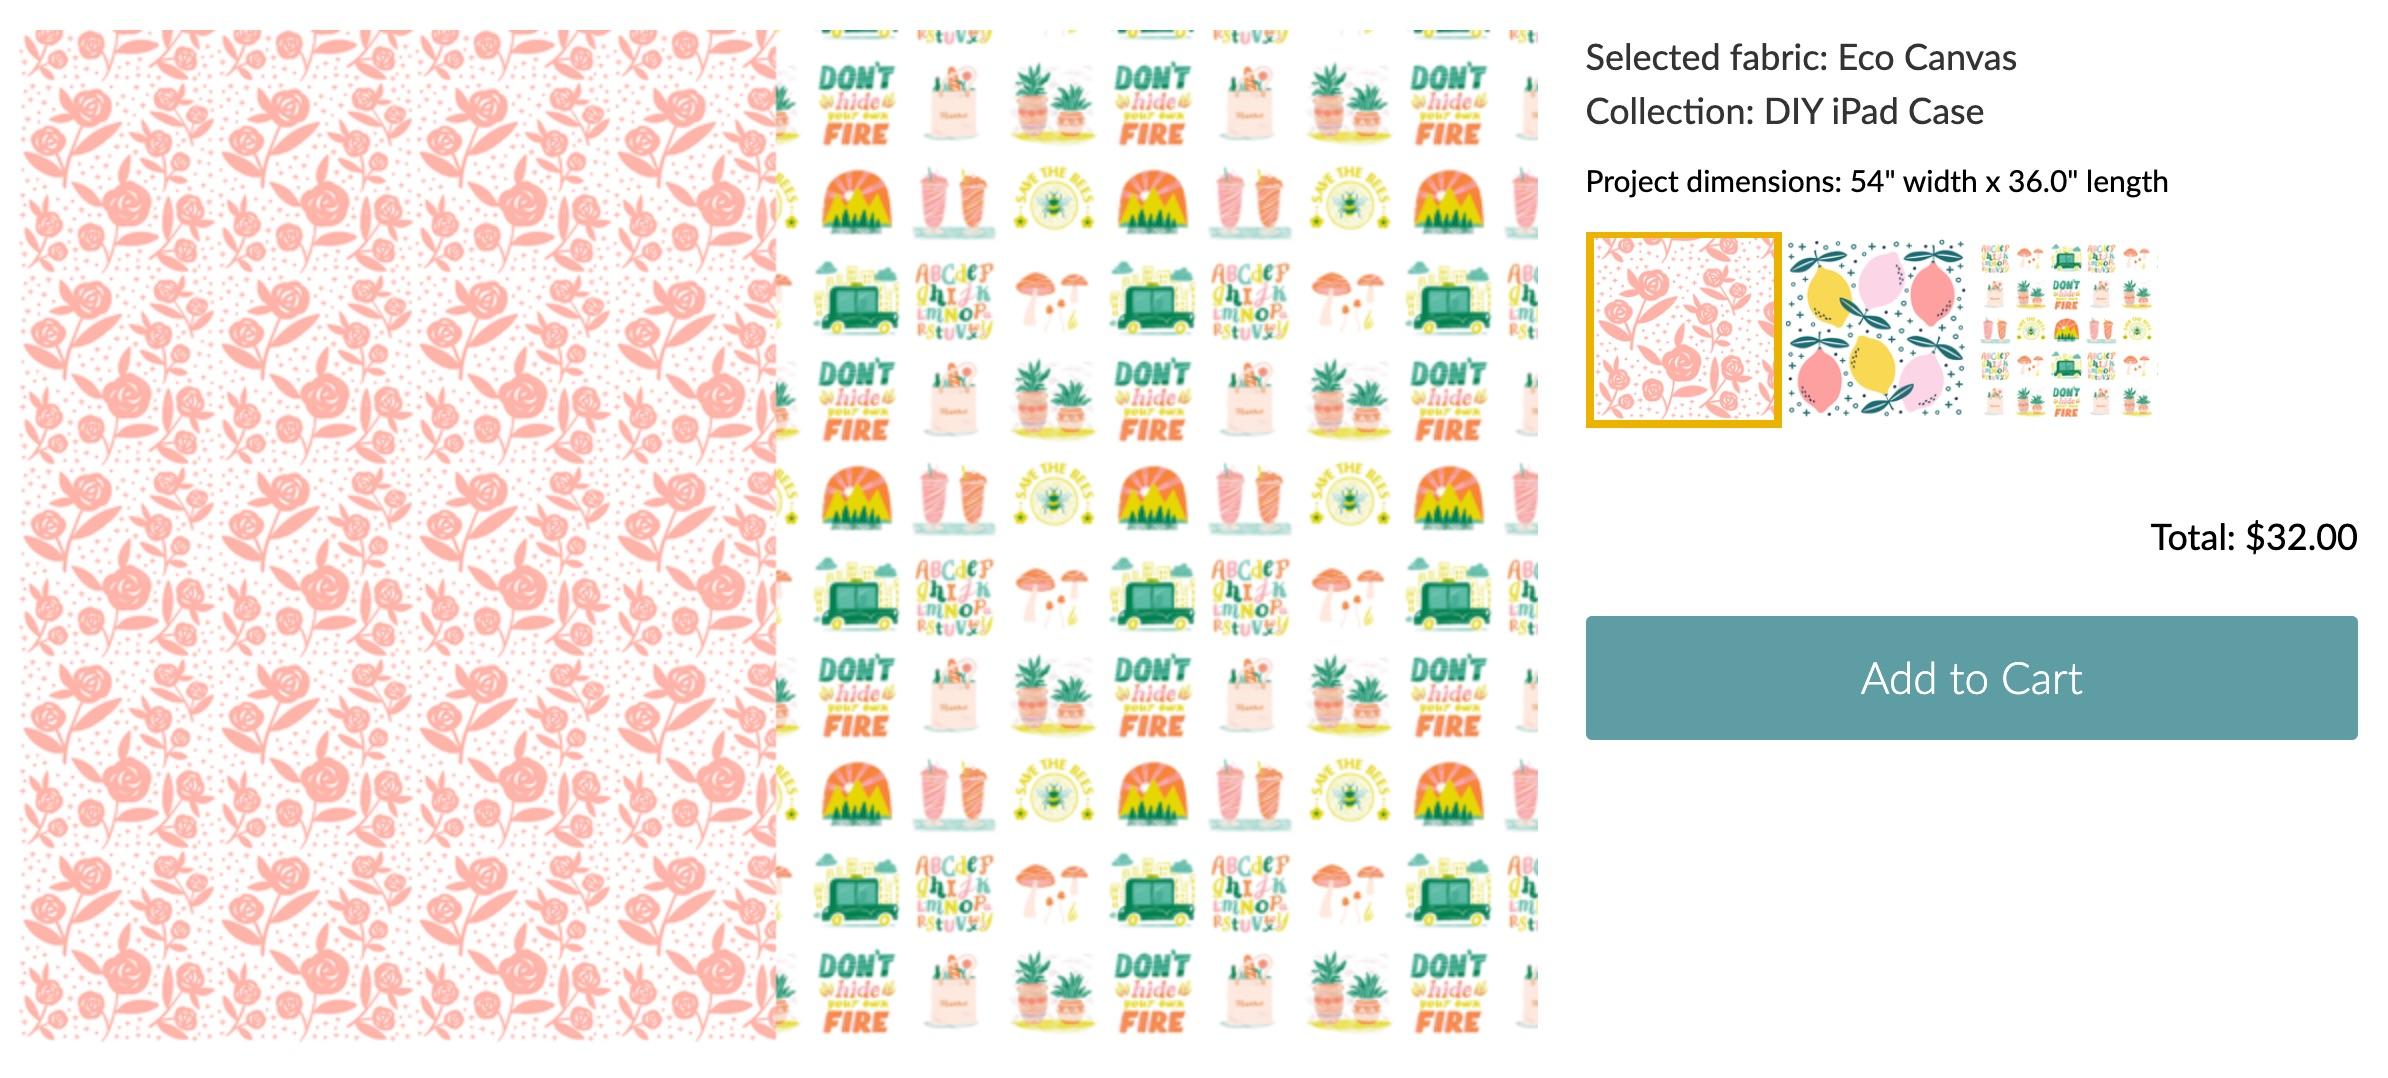 Erstelle ein Fill-A-Yard-Projekt (falls gewünscht)